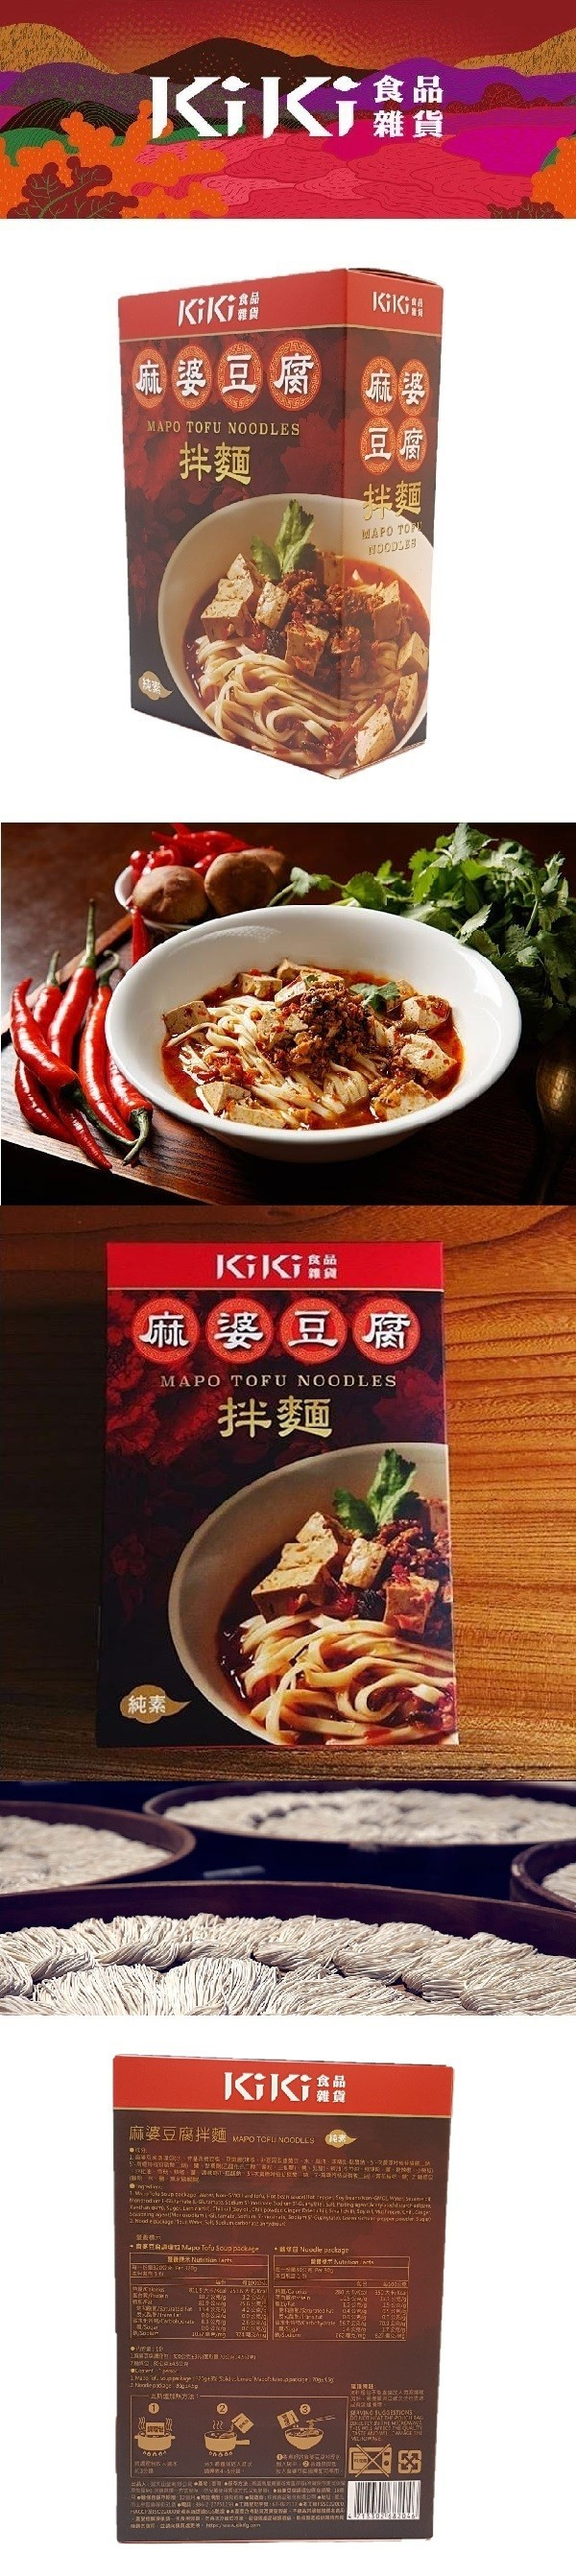 [台湾直邮] KIKI食品杂货 麻婆豆腐拌面 1份/400g